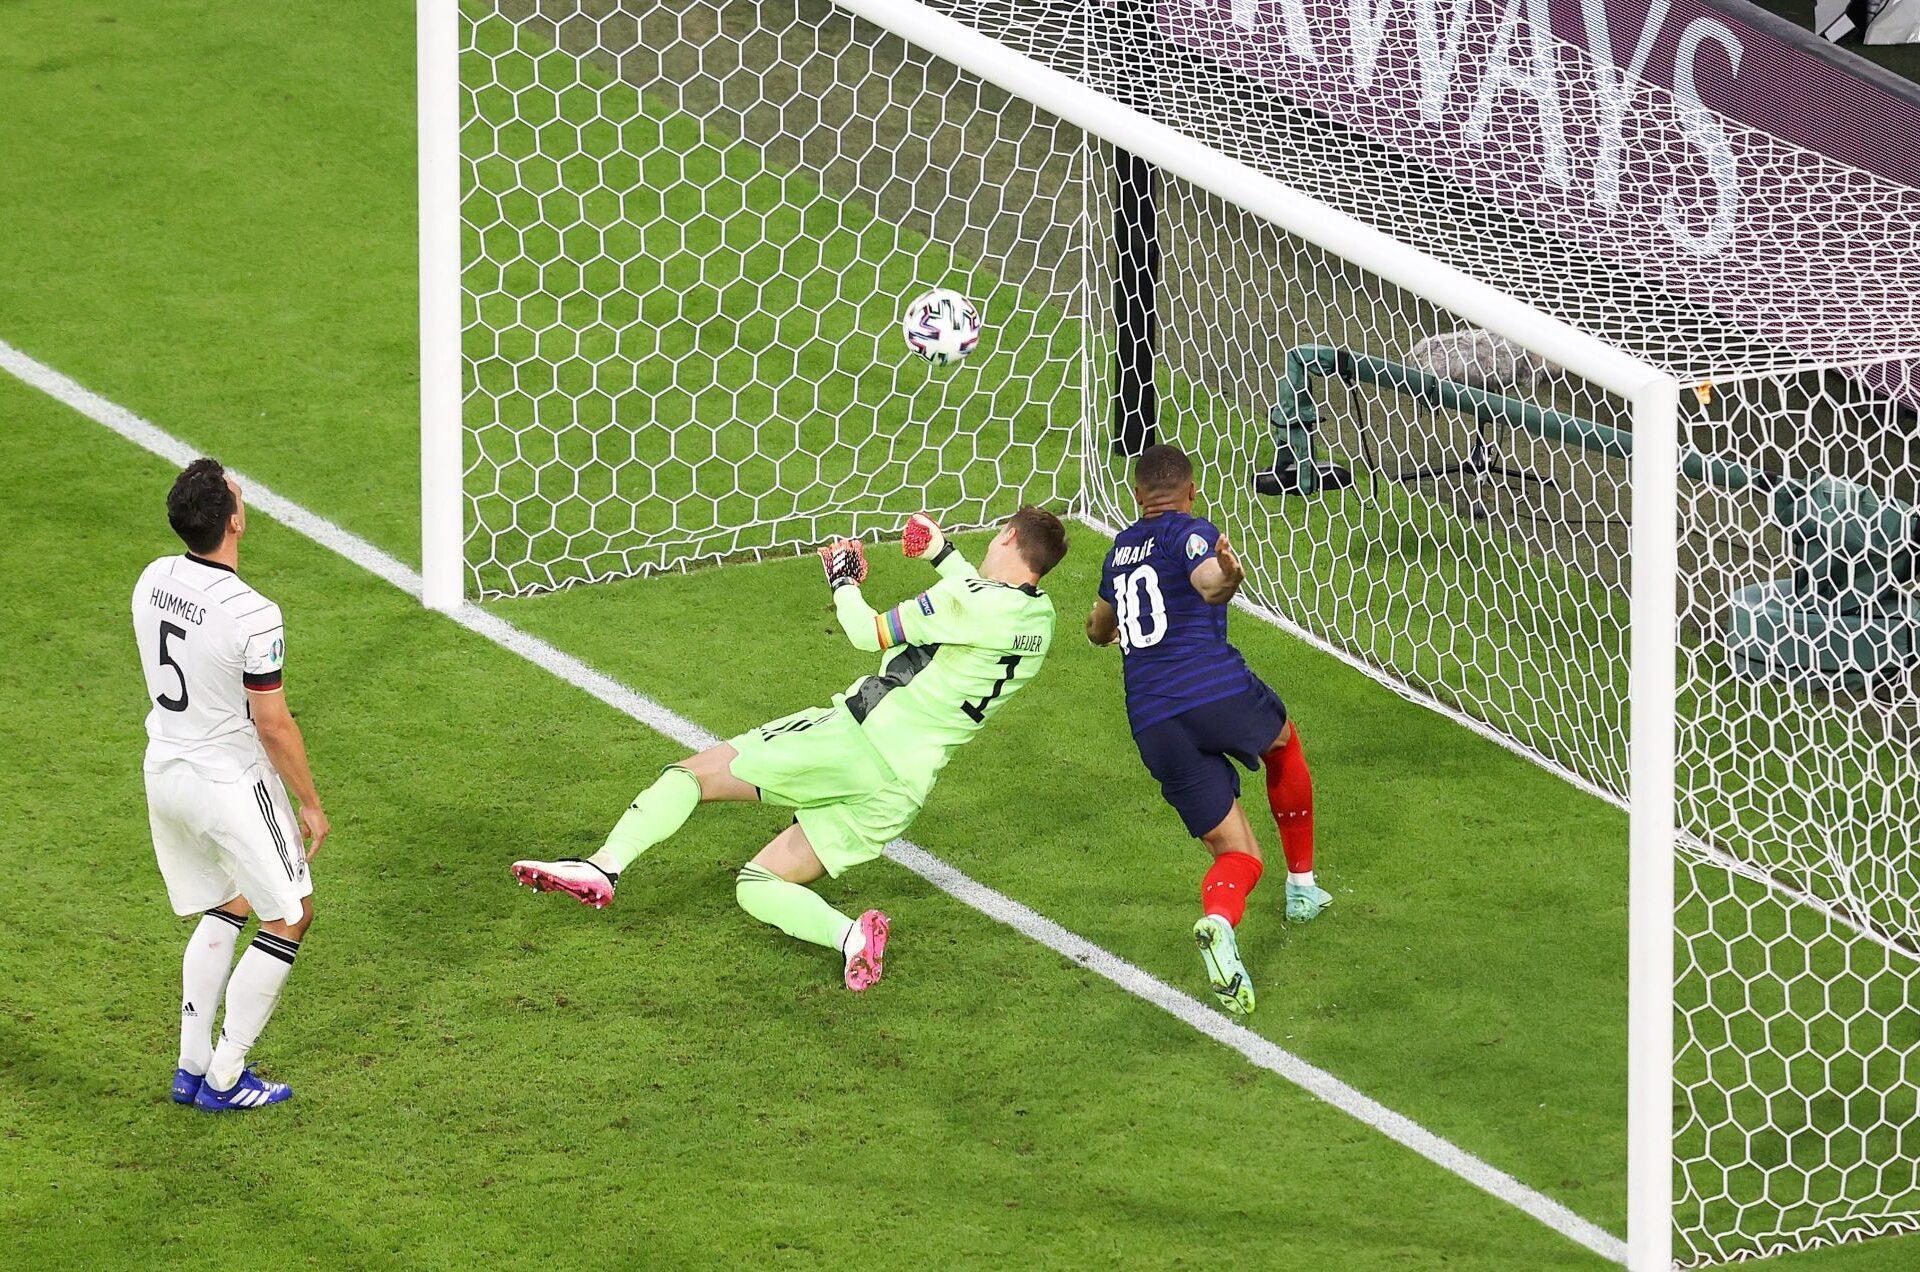 Mats Hummels marque contre son camp sous les yeux de Kylian Mbappé : le seul but de la rencontre. Icon Sport